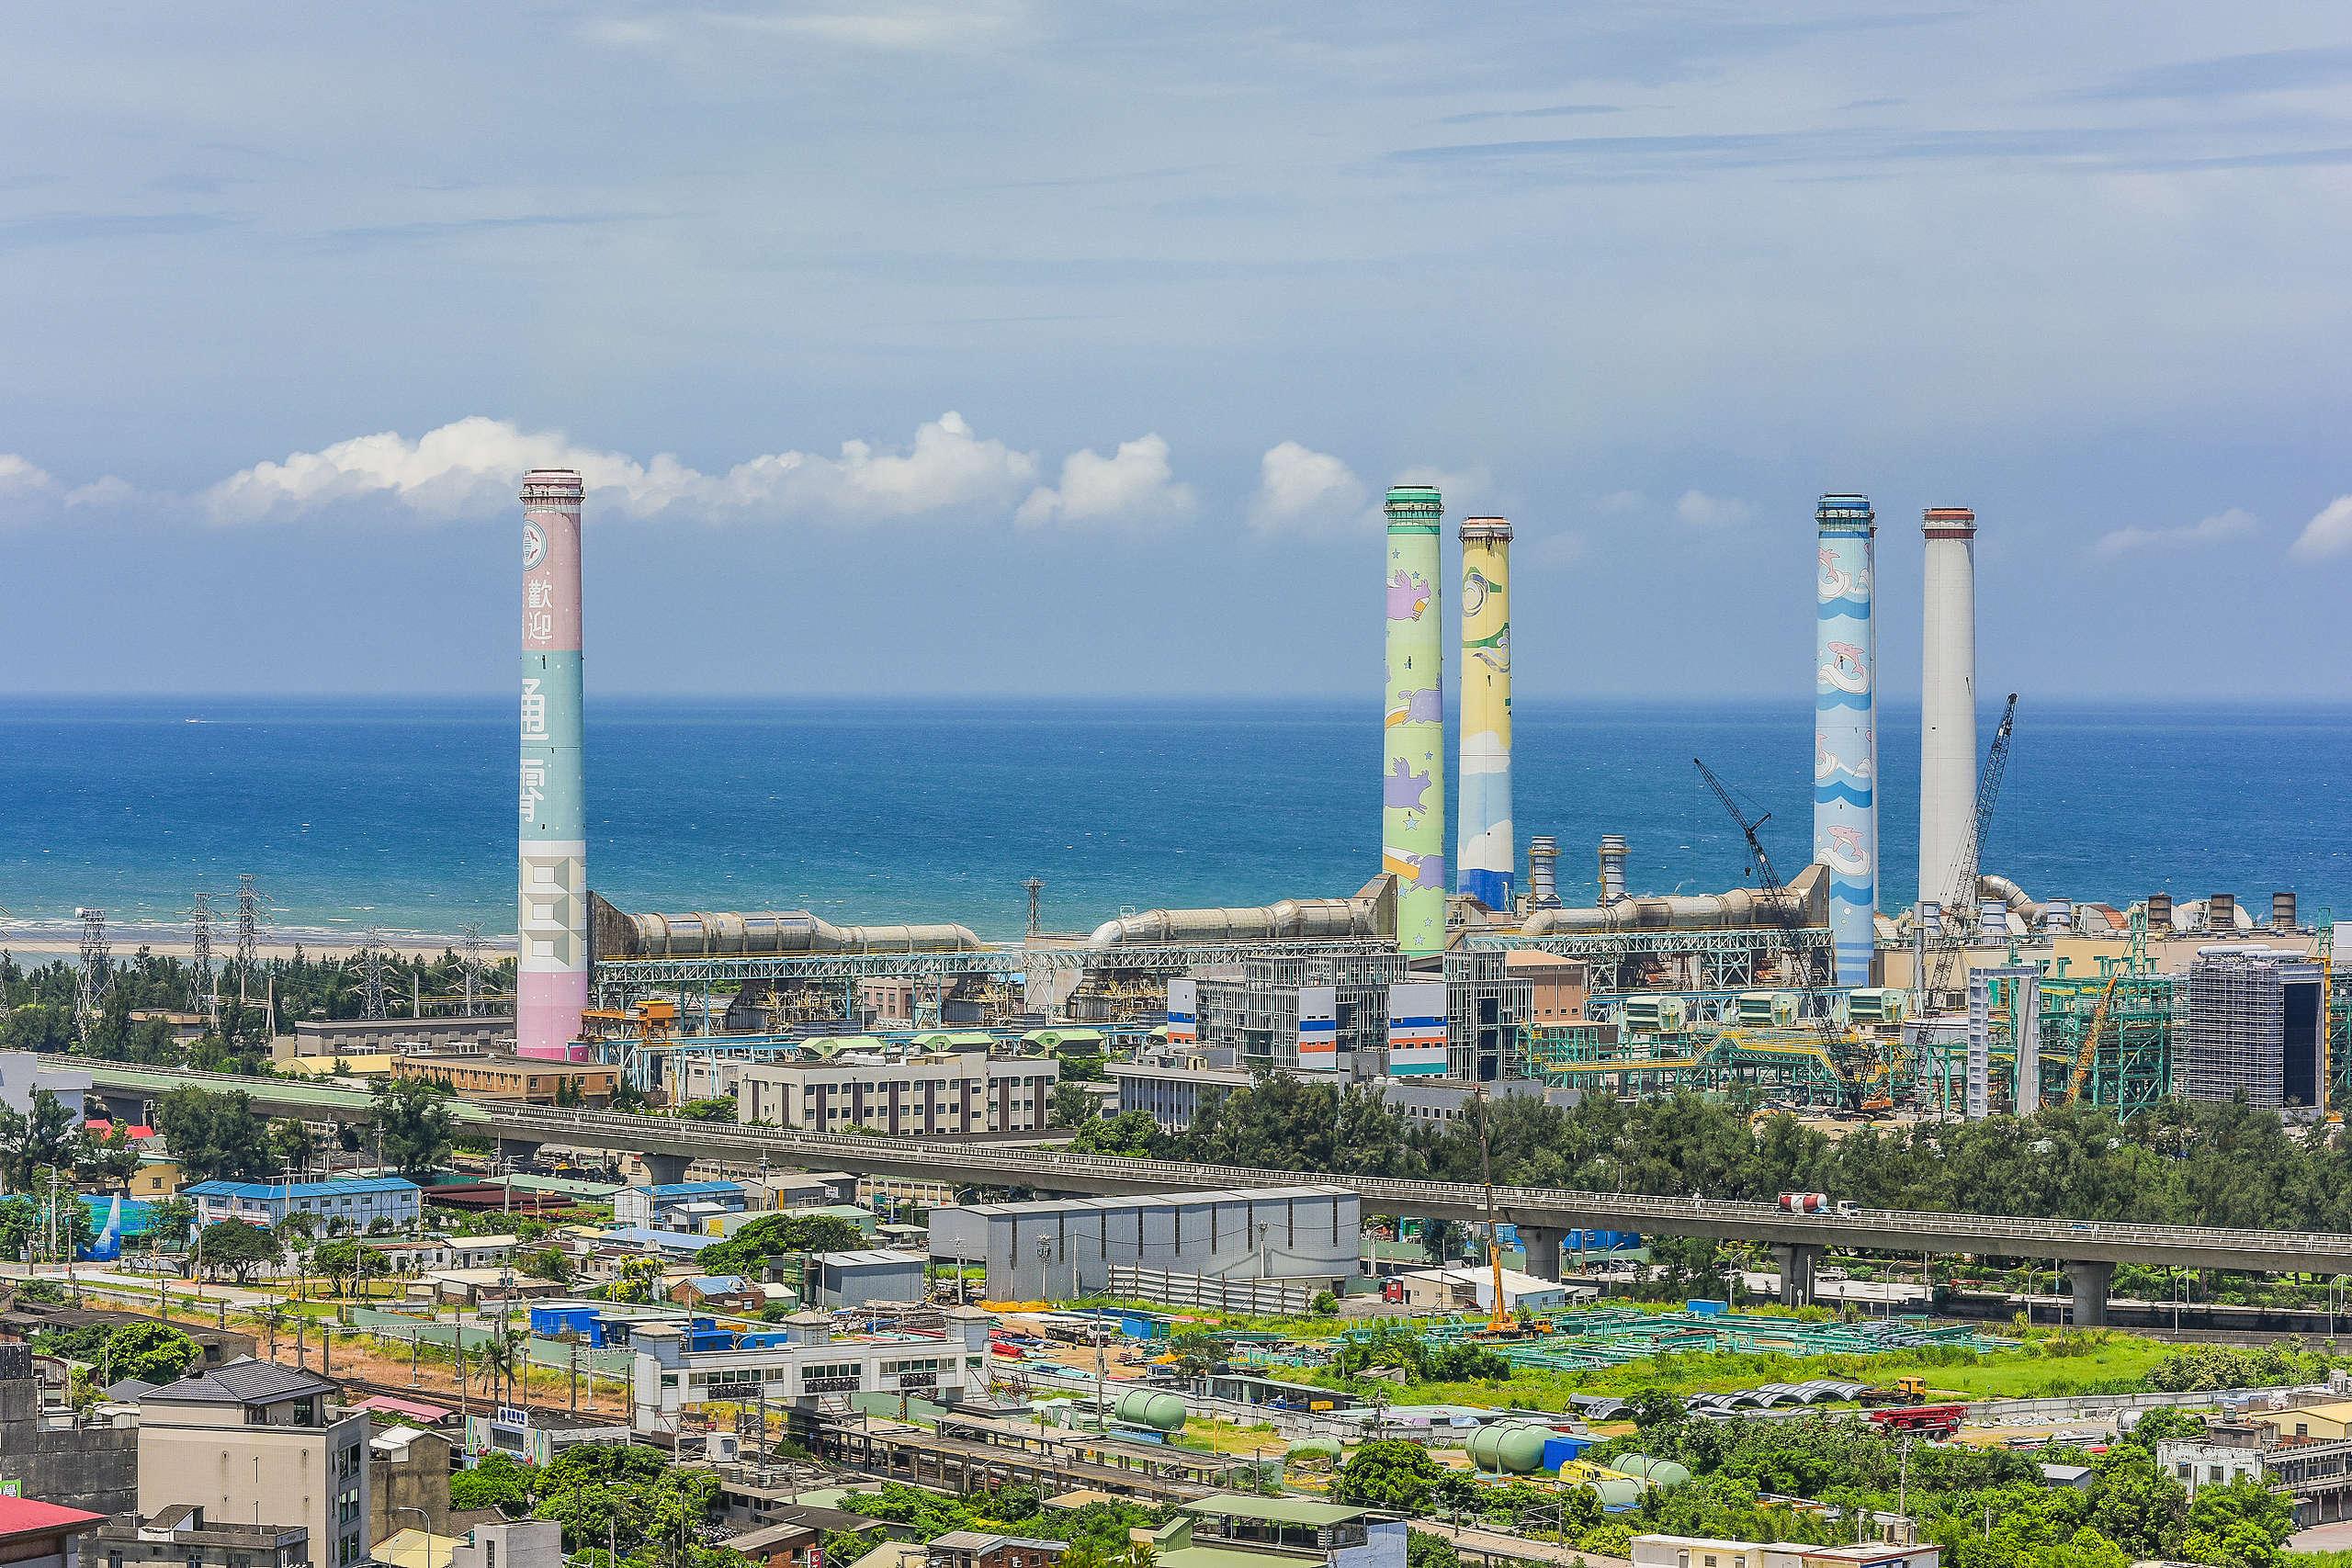 目前臺灣主要電力來源為火力發電,全臺碳排放 60% 來自「使用電力」,電力碳排放 98%來自「化石燃料」,企業轉用綠電是降低碳排最有效的方式。